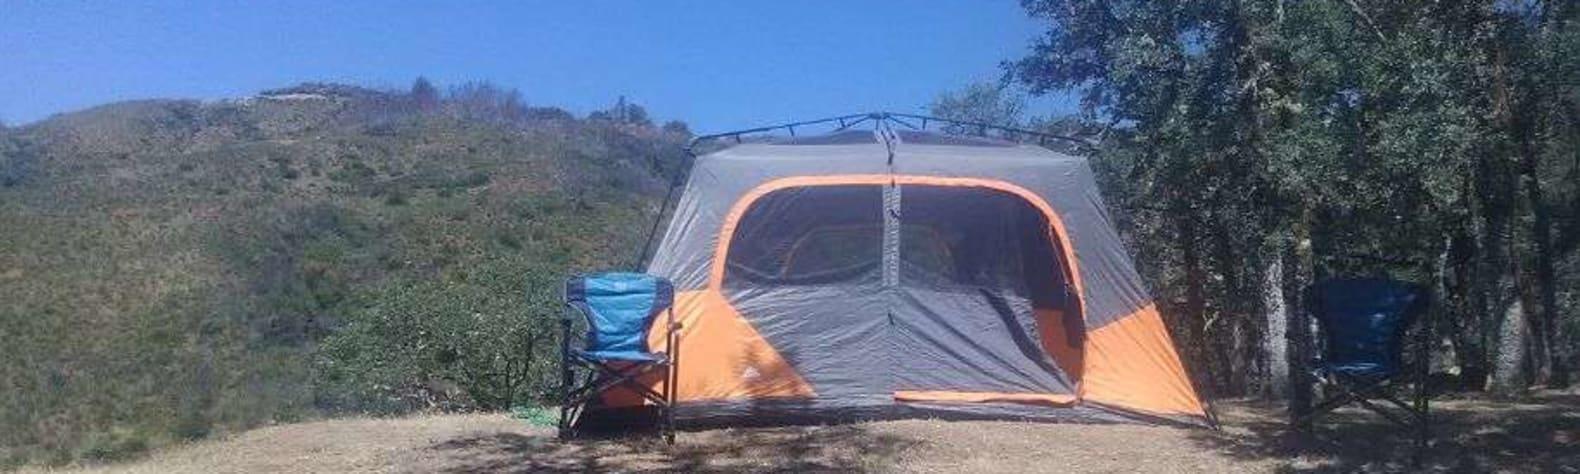 Pura Vida Springs Ranch